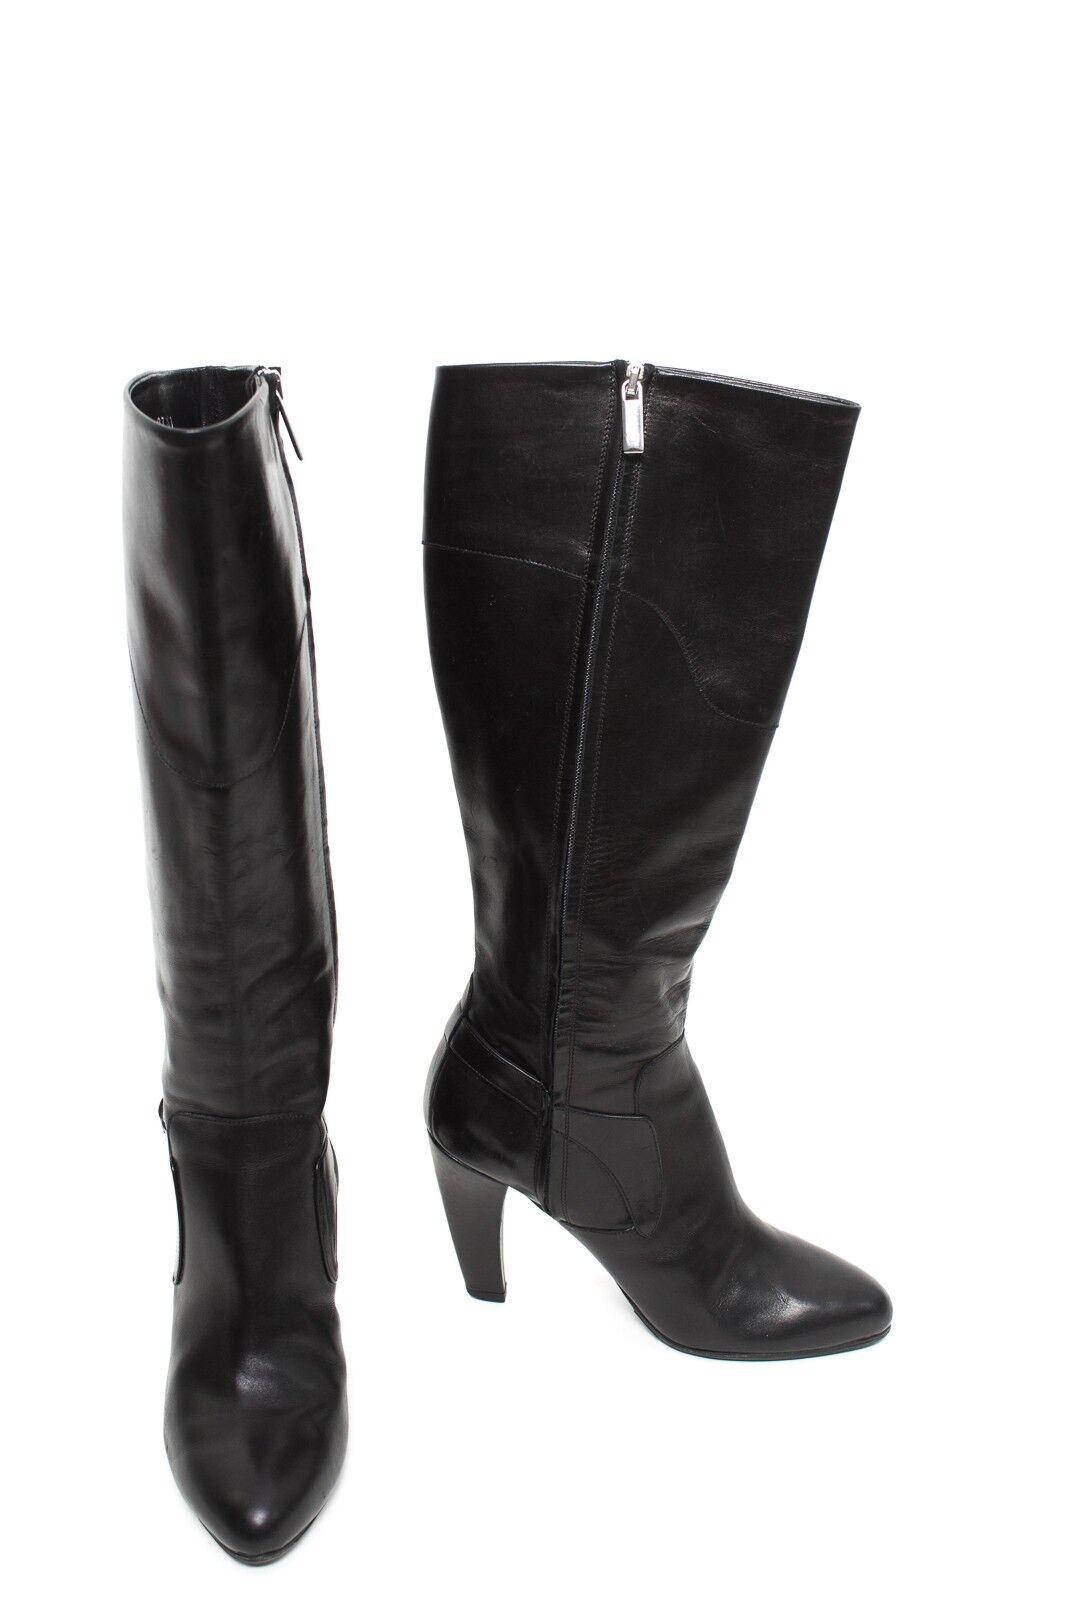 Aigner botas talla de 36 negro zapatos señora botas de cuero